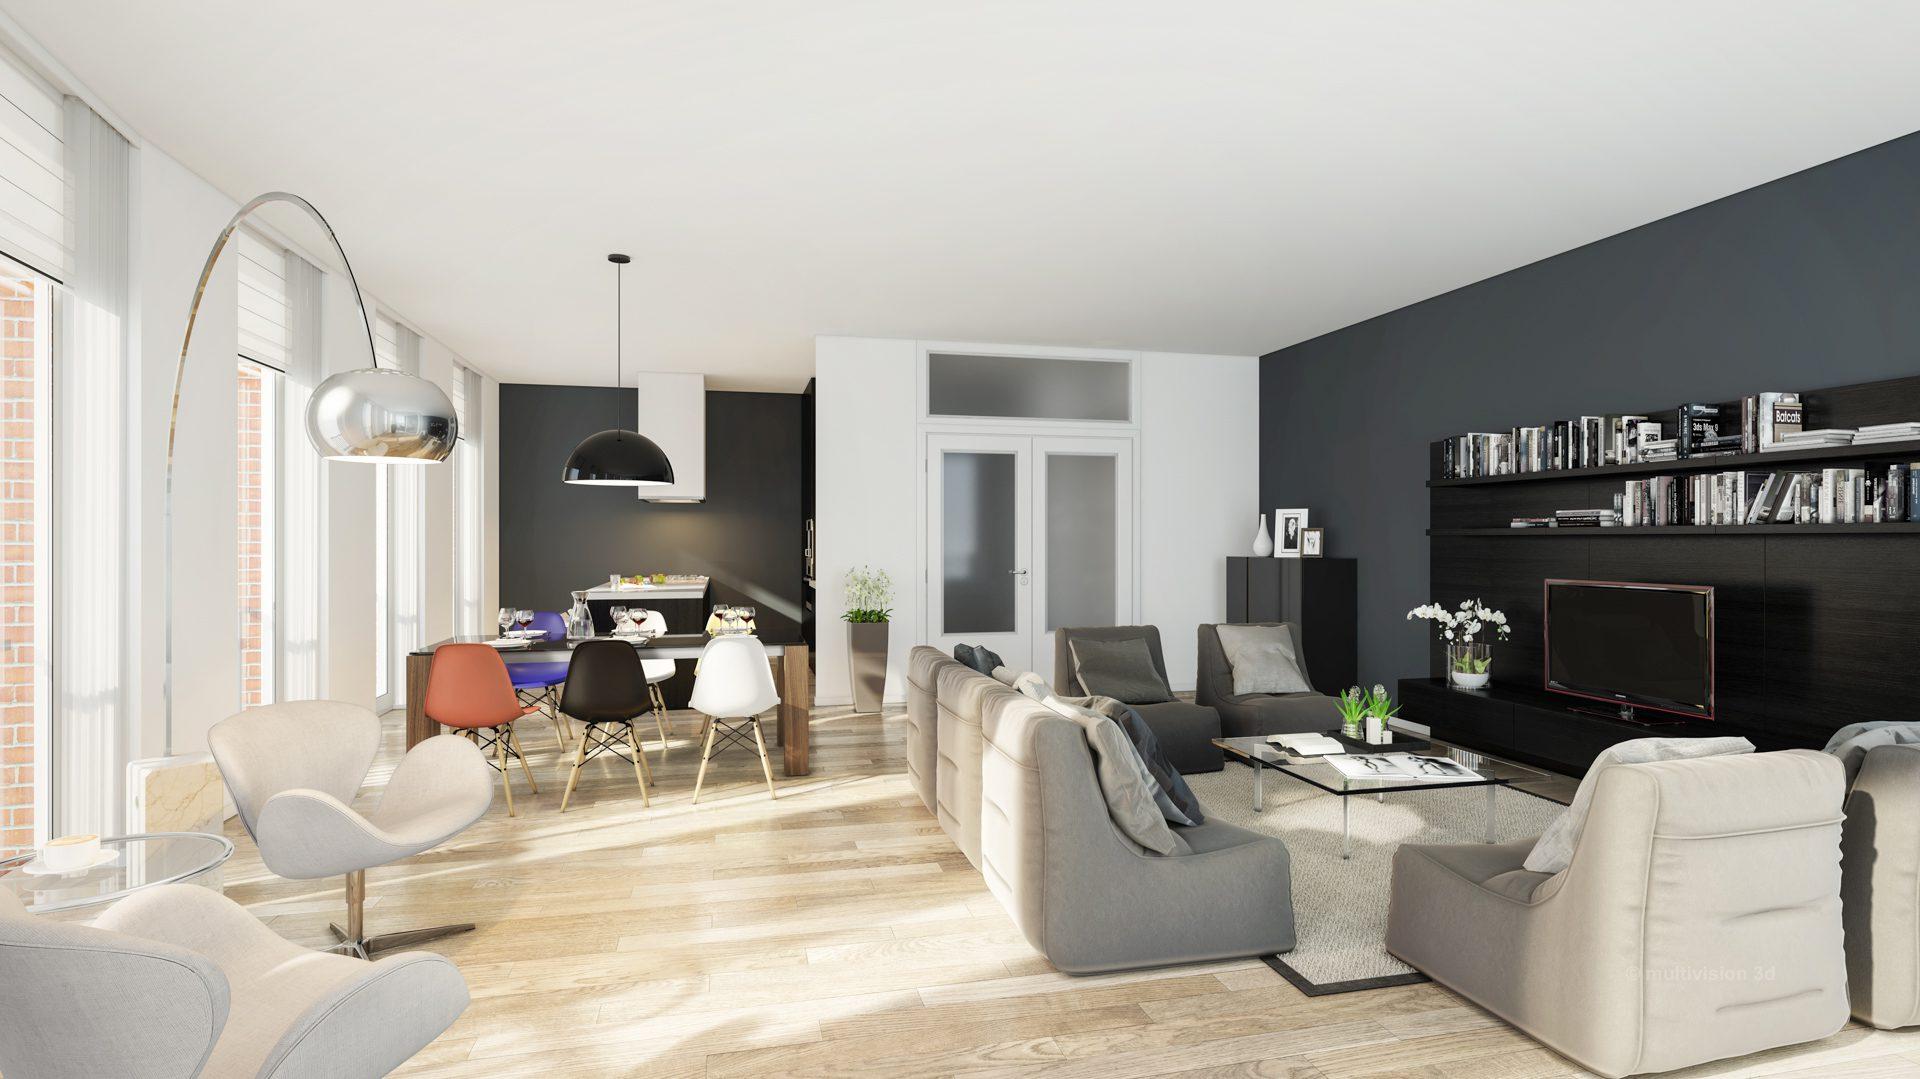 interieur impressie la cour bleue 6 multivision 3d visualisatie. Black Bedroom Furniture Sets. Home Design Ideas